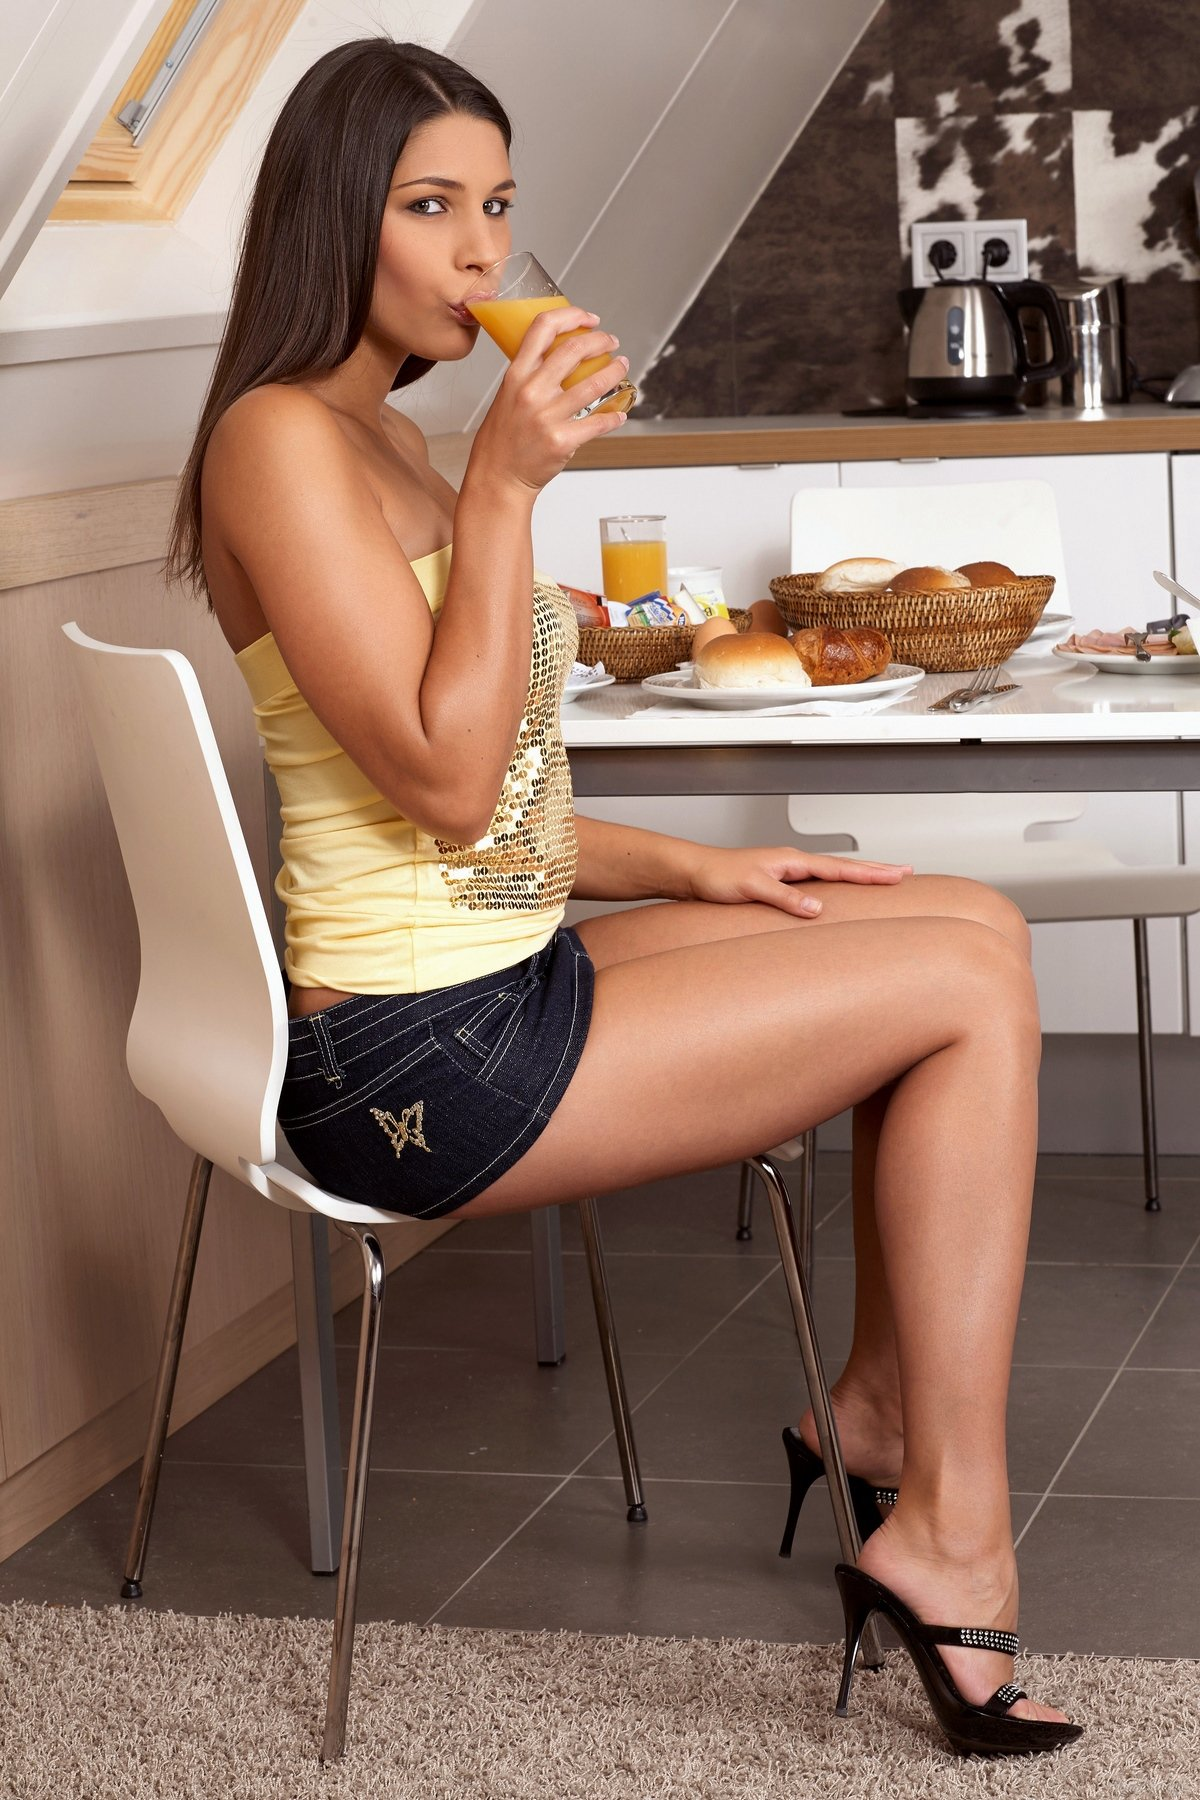 Красивая девушка разделась во время завтрака